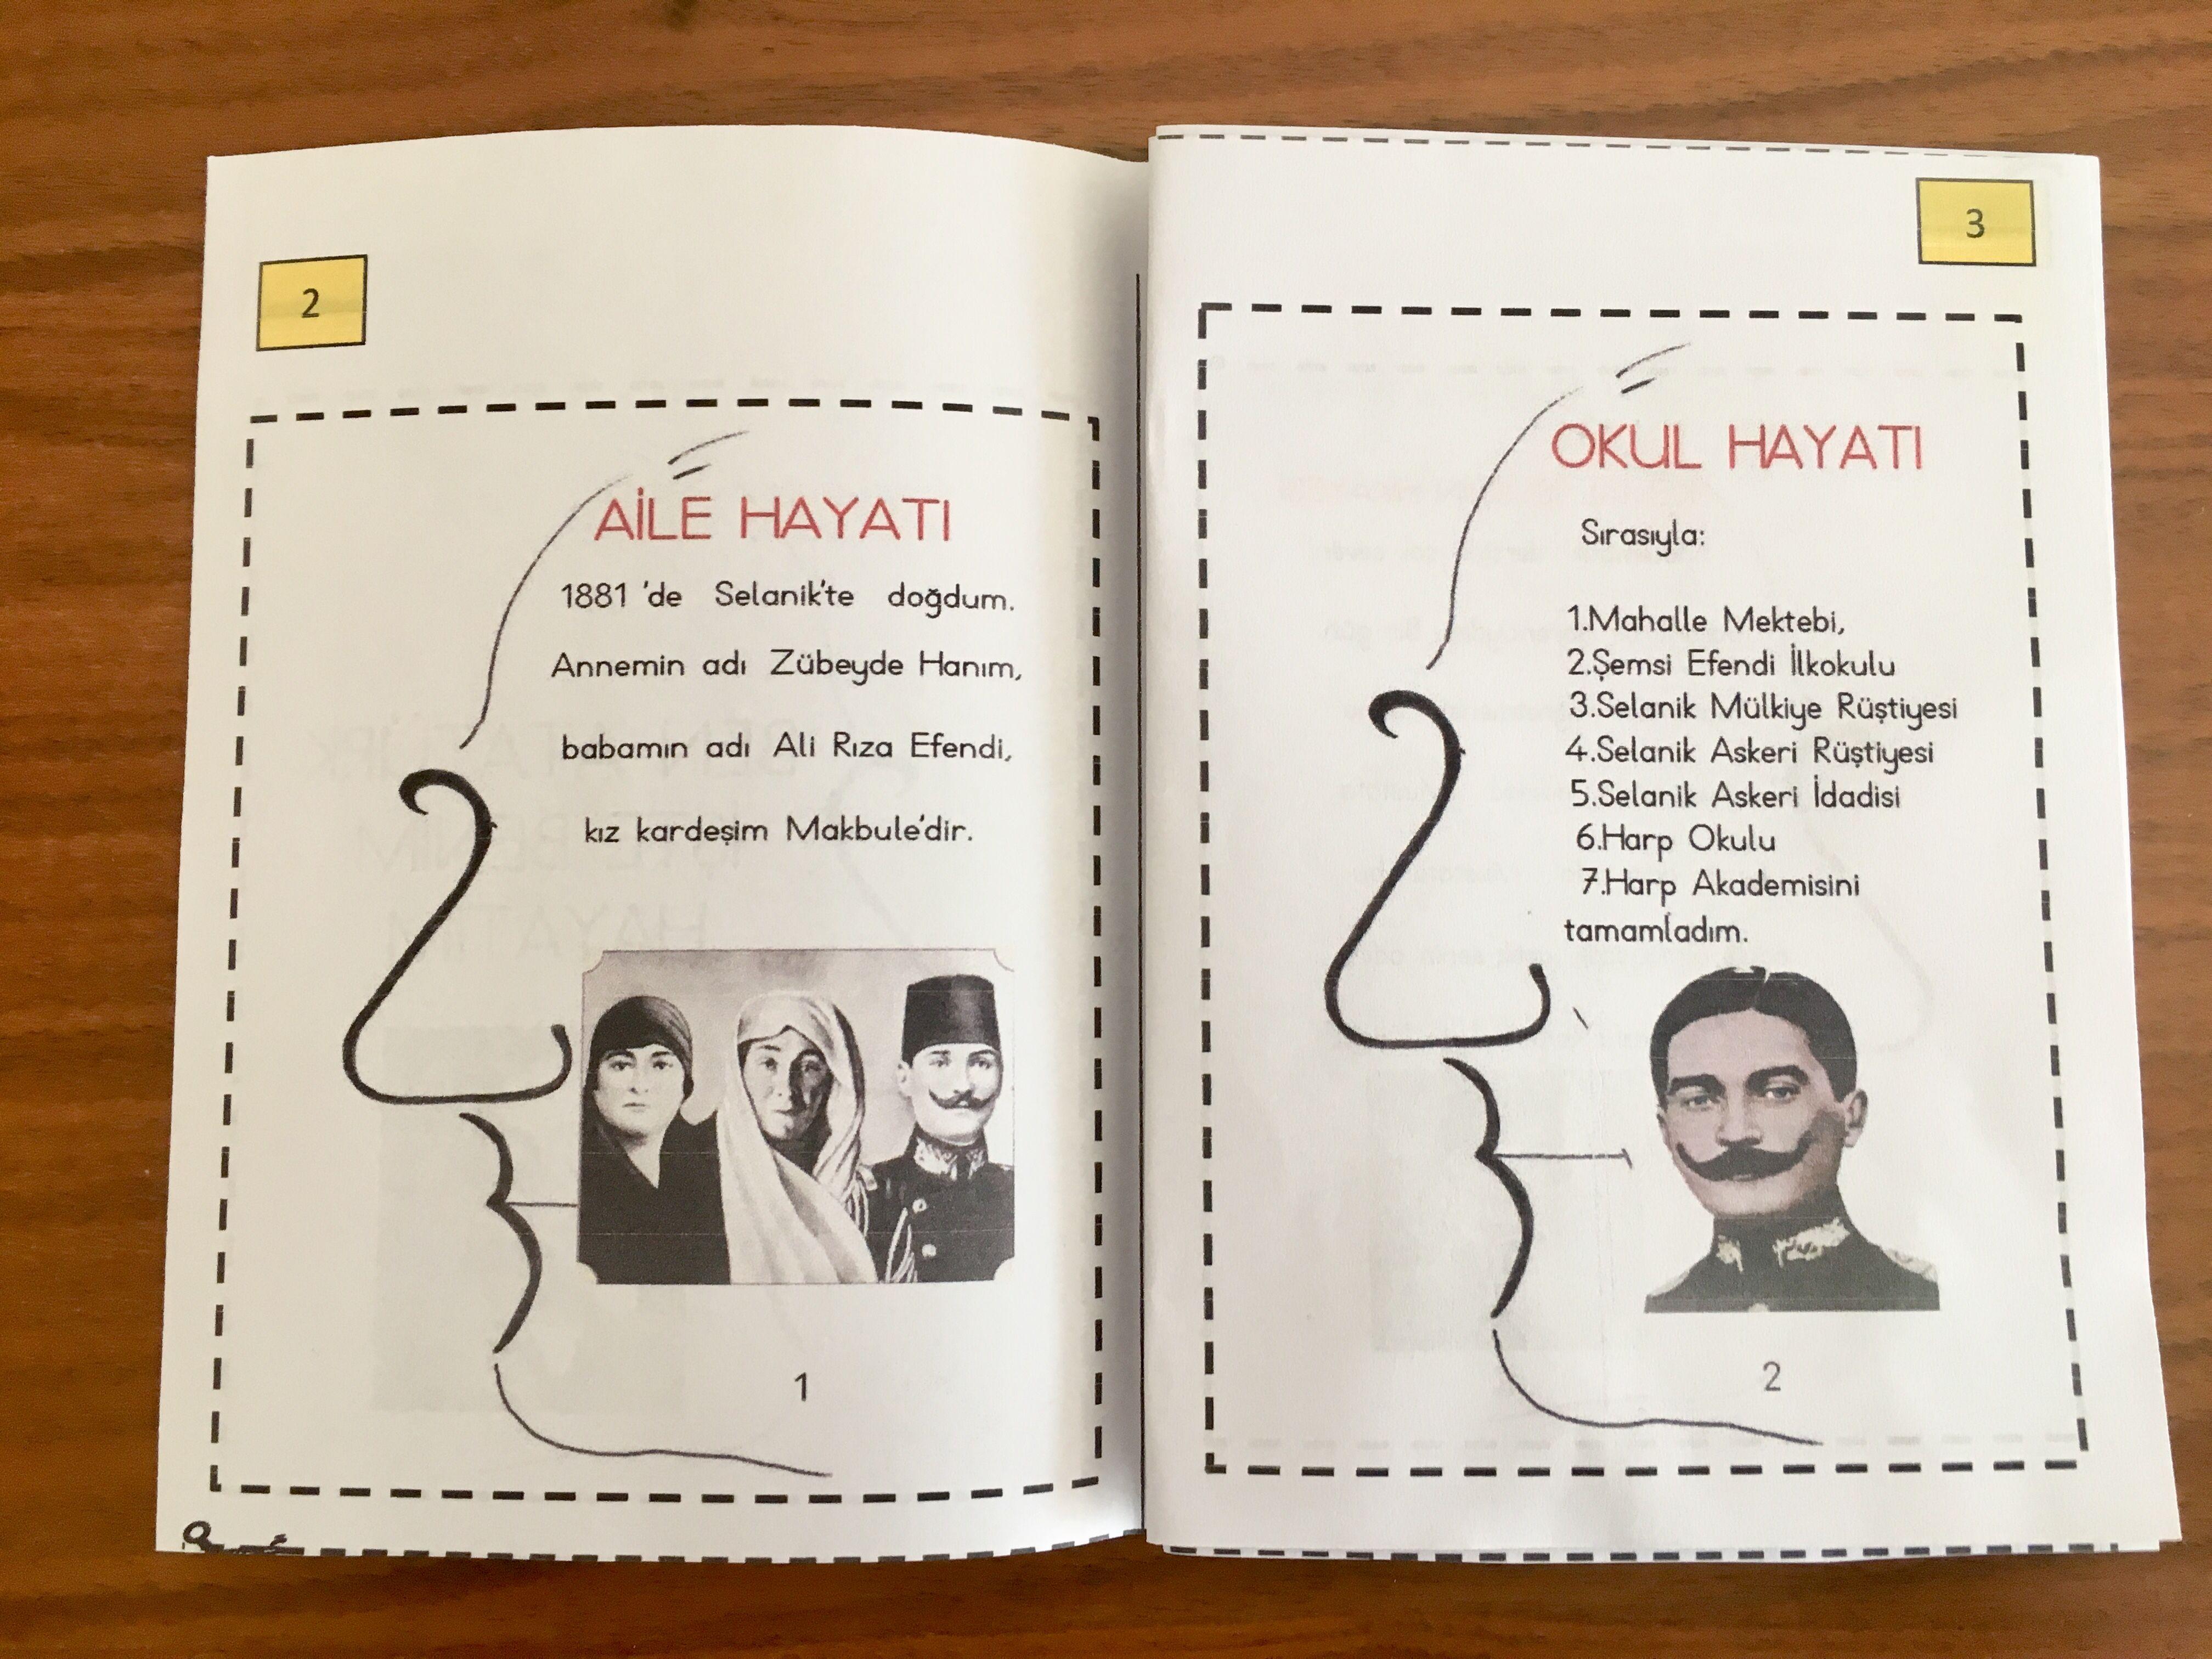 10 Kasim Ataturk Un Hayati Kitapcik Cigdem Ogretmen Ogretim Okul Okuma